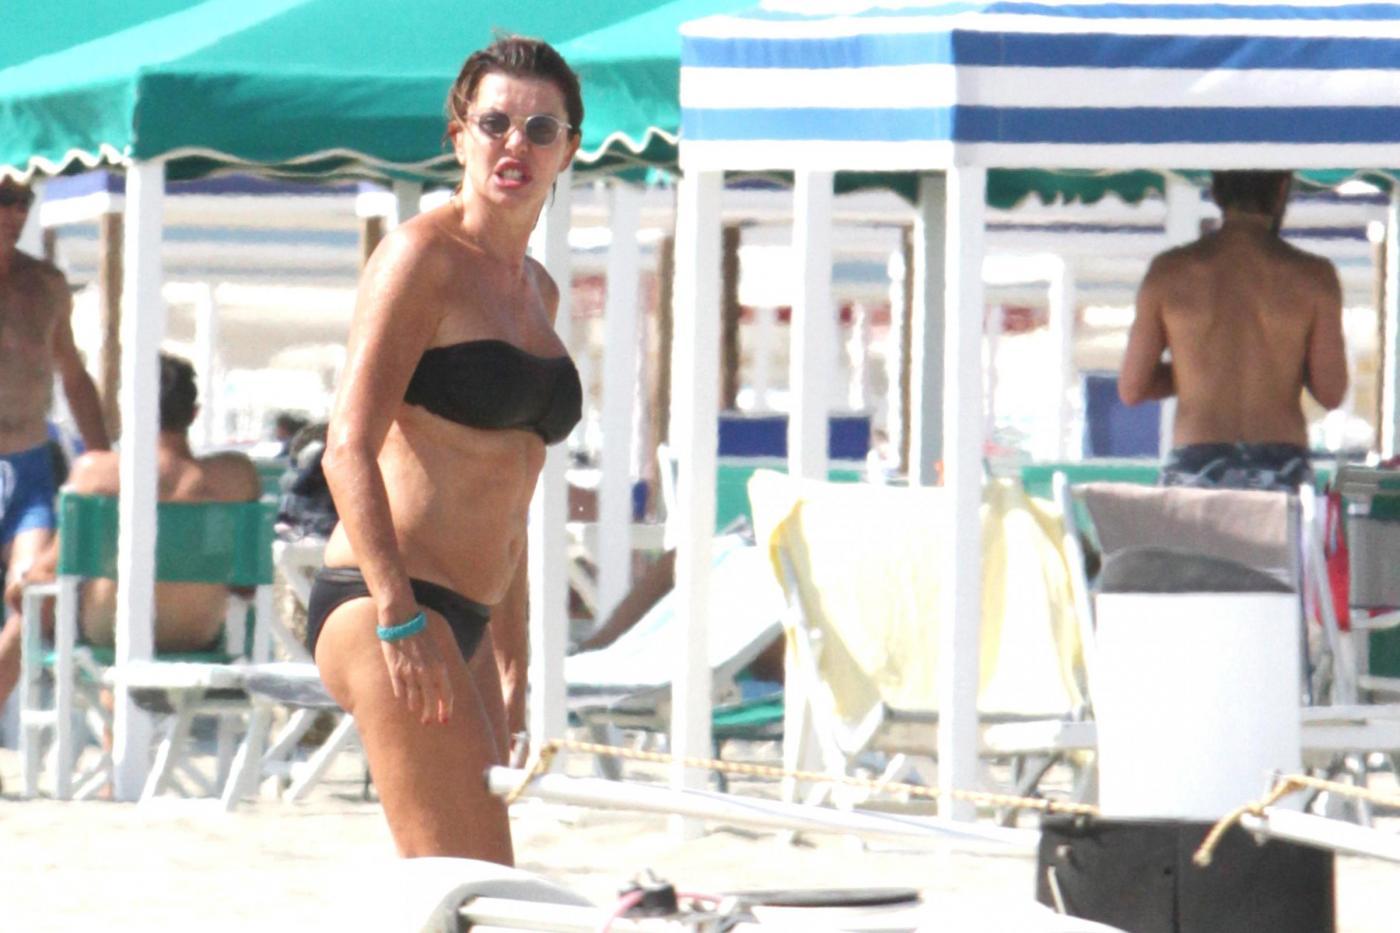 Alba Parietti contro i paparazzi: l'attrice non gradisce i fotografi in spiaggia